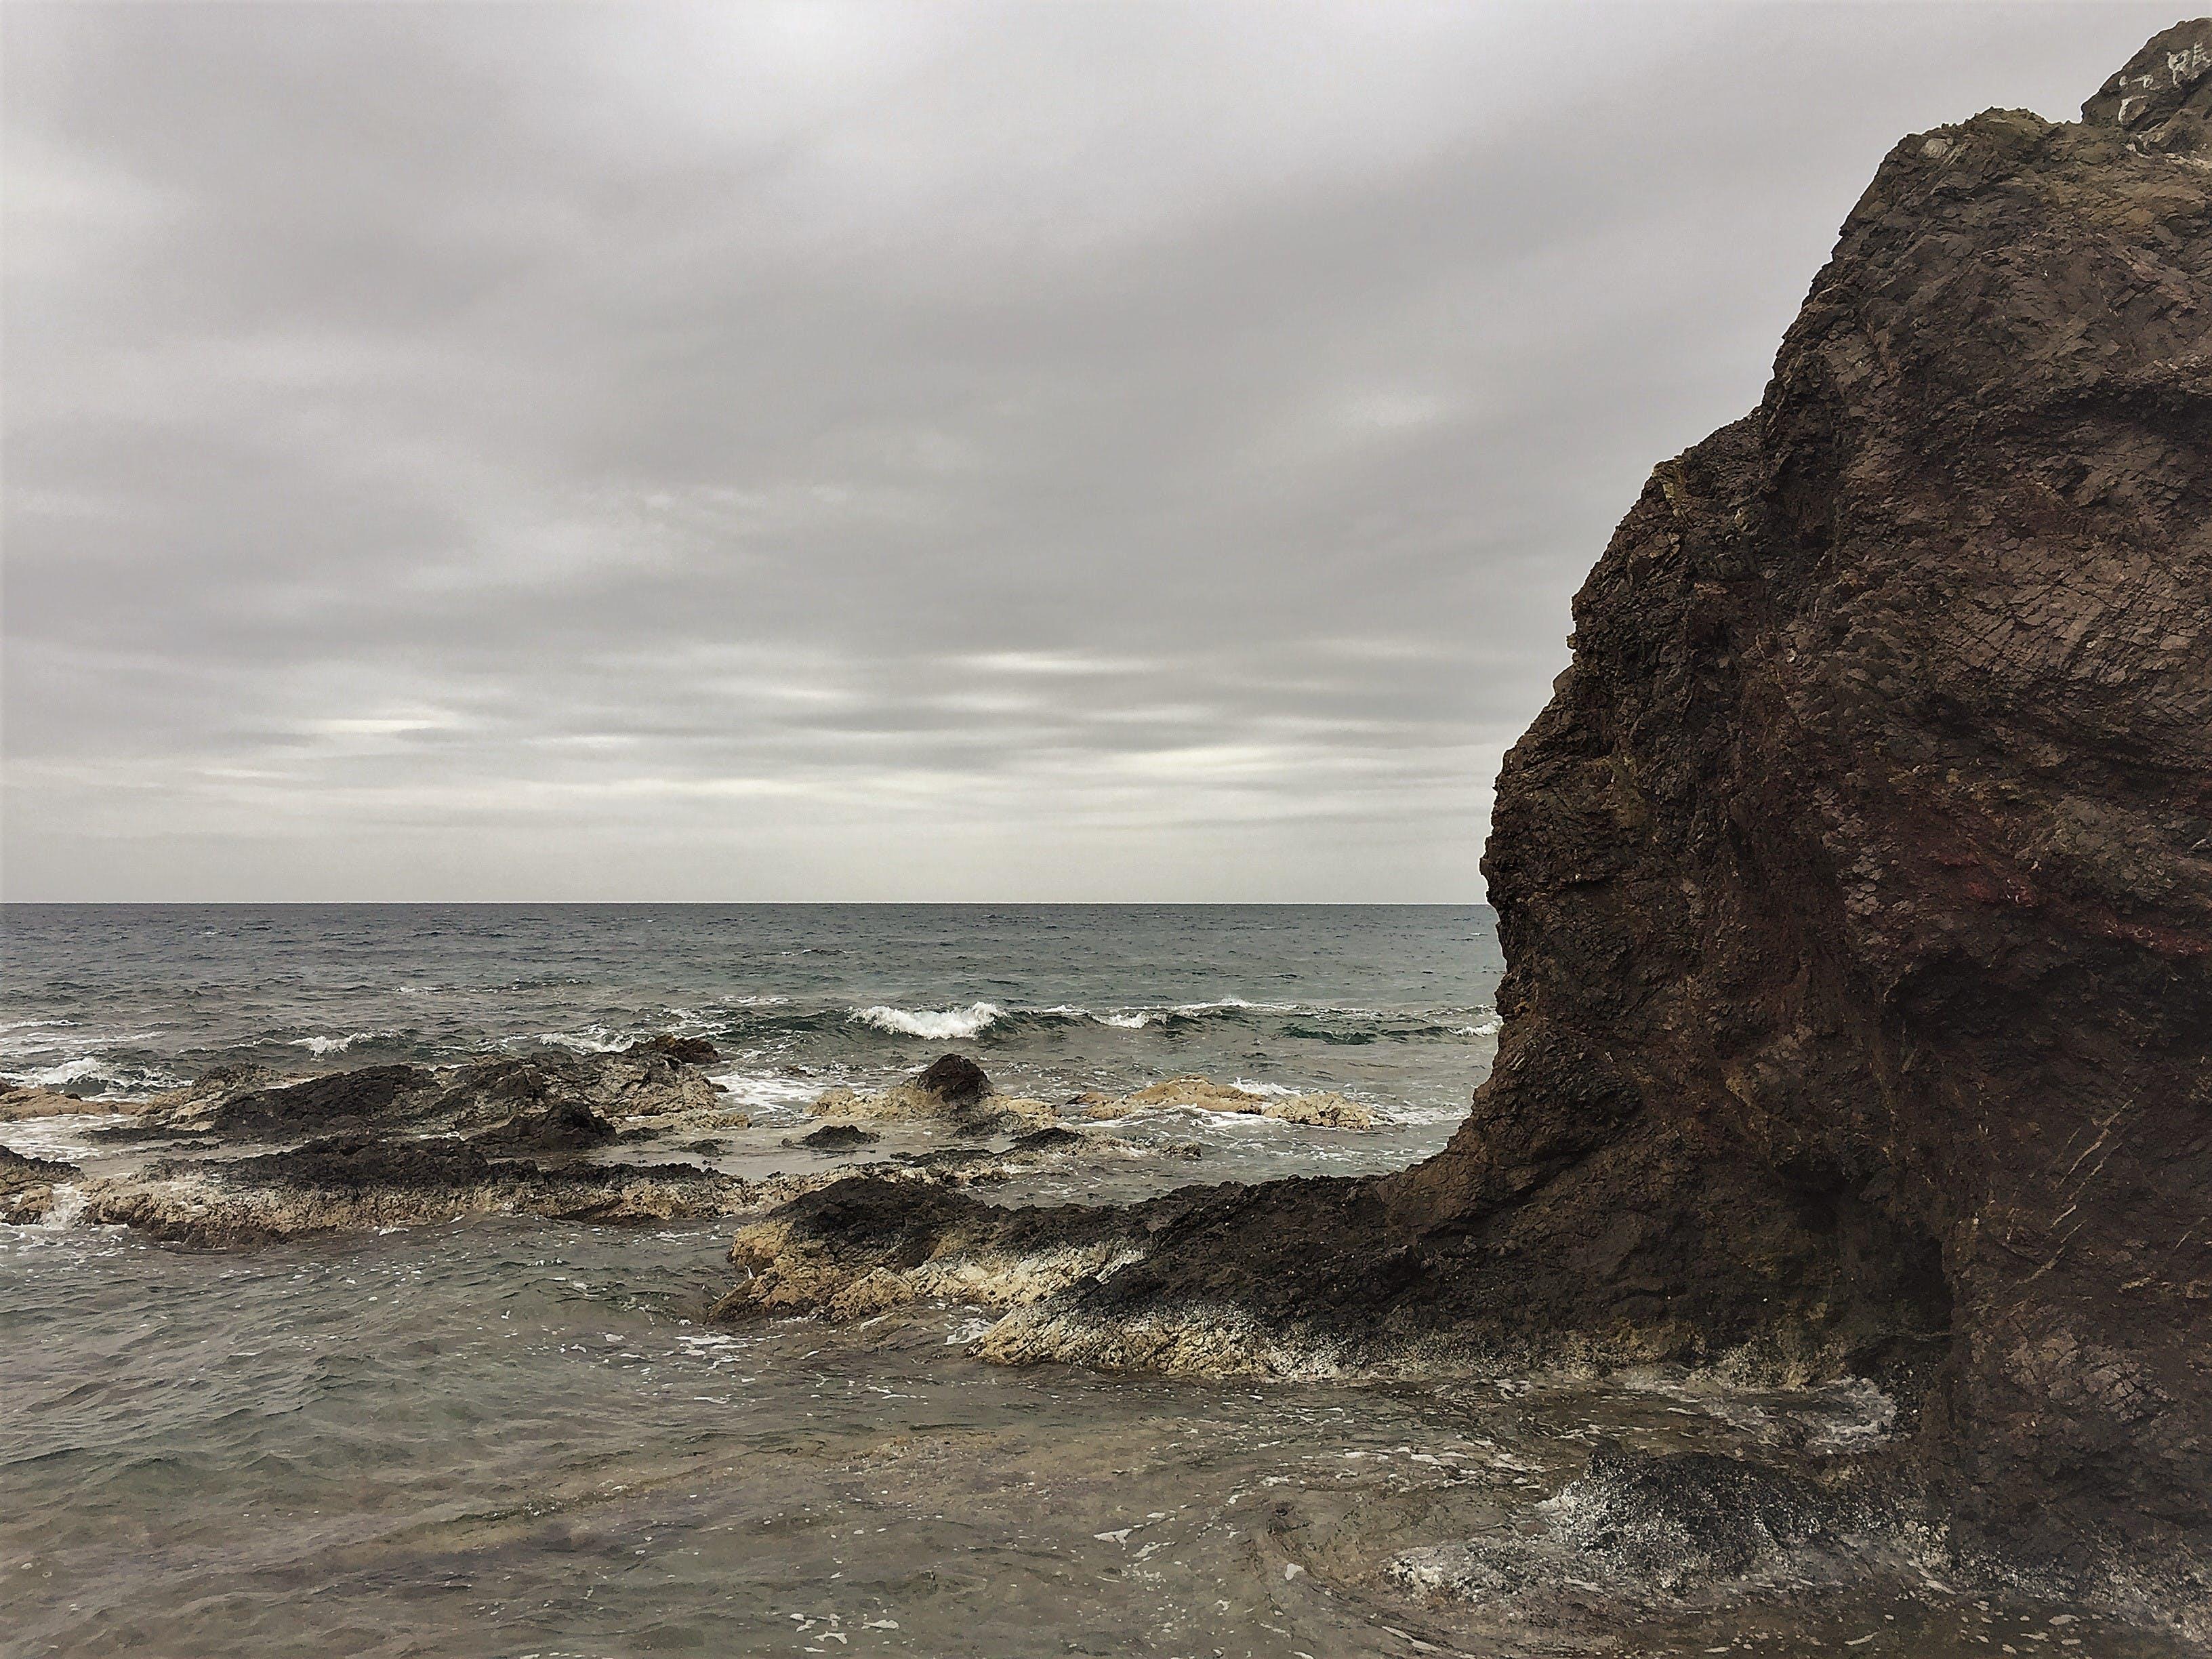 Free stock photo of caribbean, Caribbean Ocean, cuba, guantanamo bay